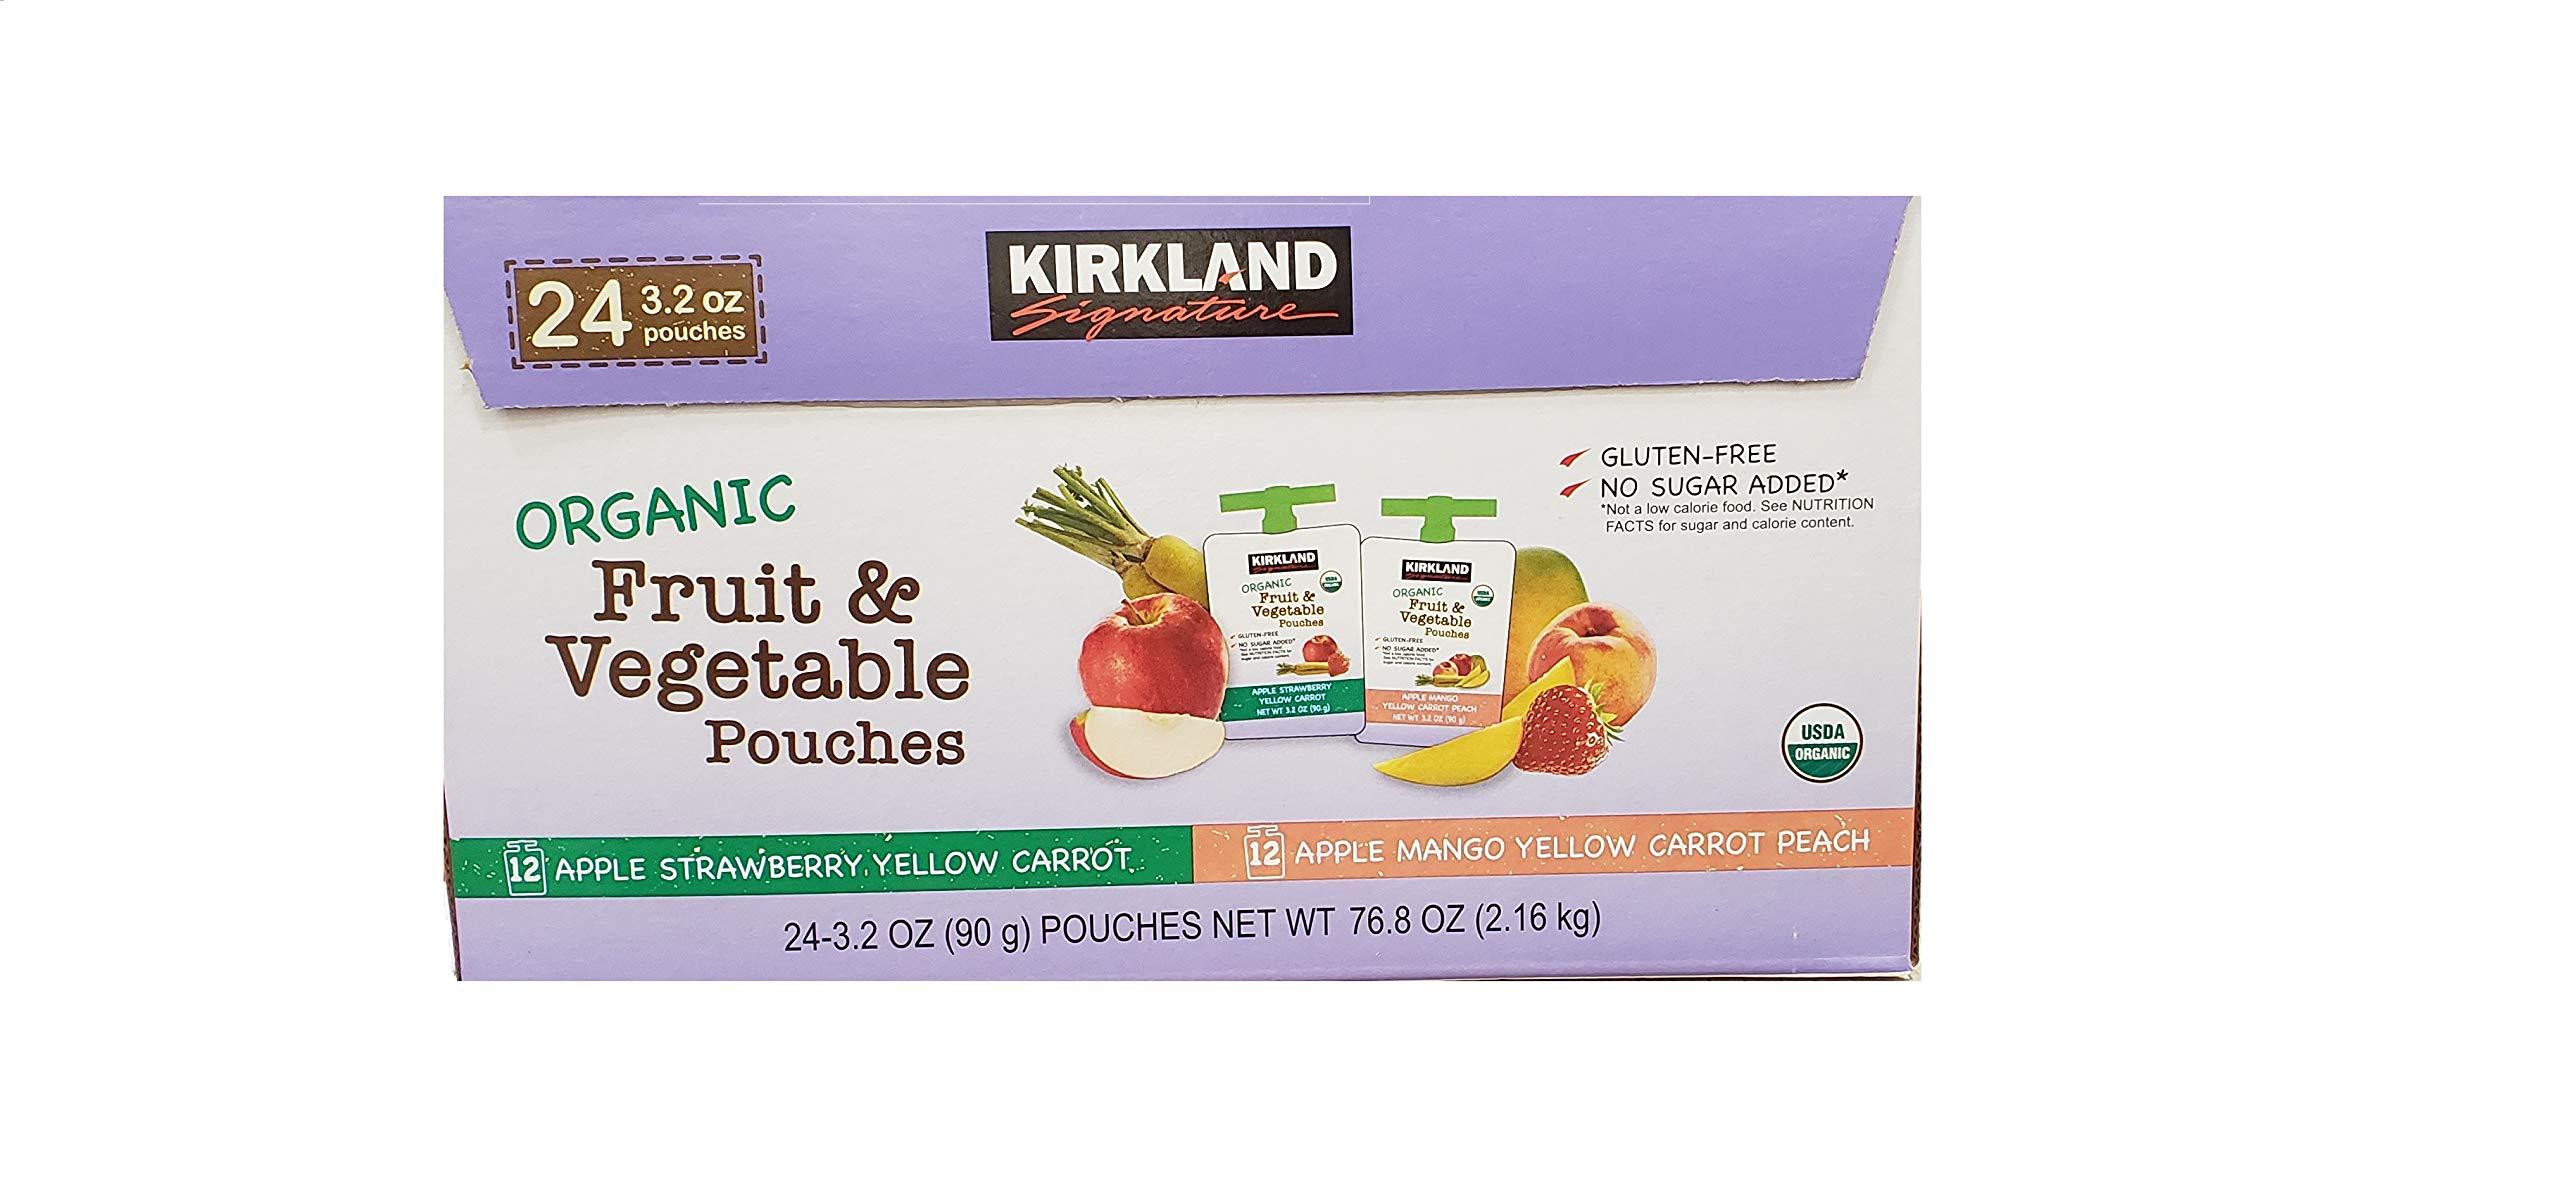 Kirkland Signature Organic Fruit & Vegetable Pouches (24/3.2 Oz Net Wt 76.8 Oz), by KIRKLAND SIGNATURE